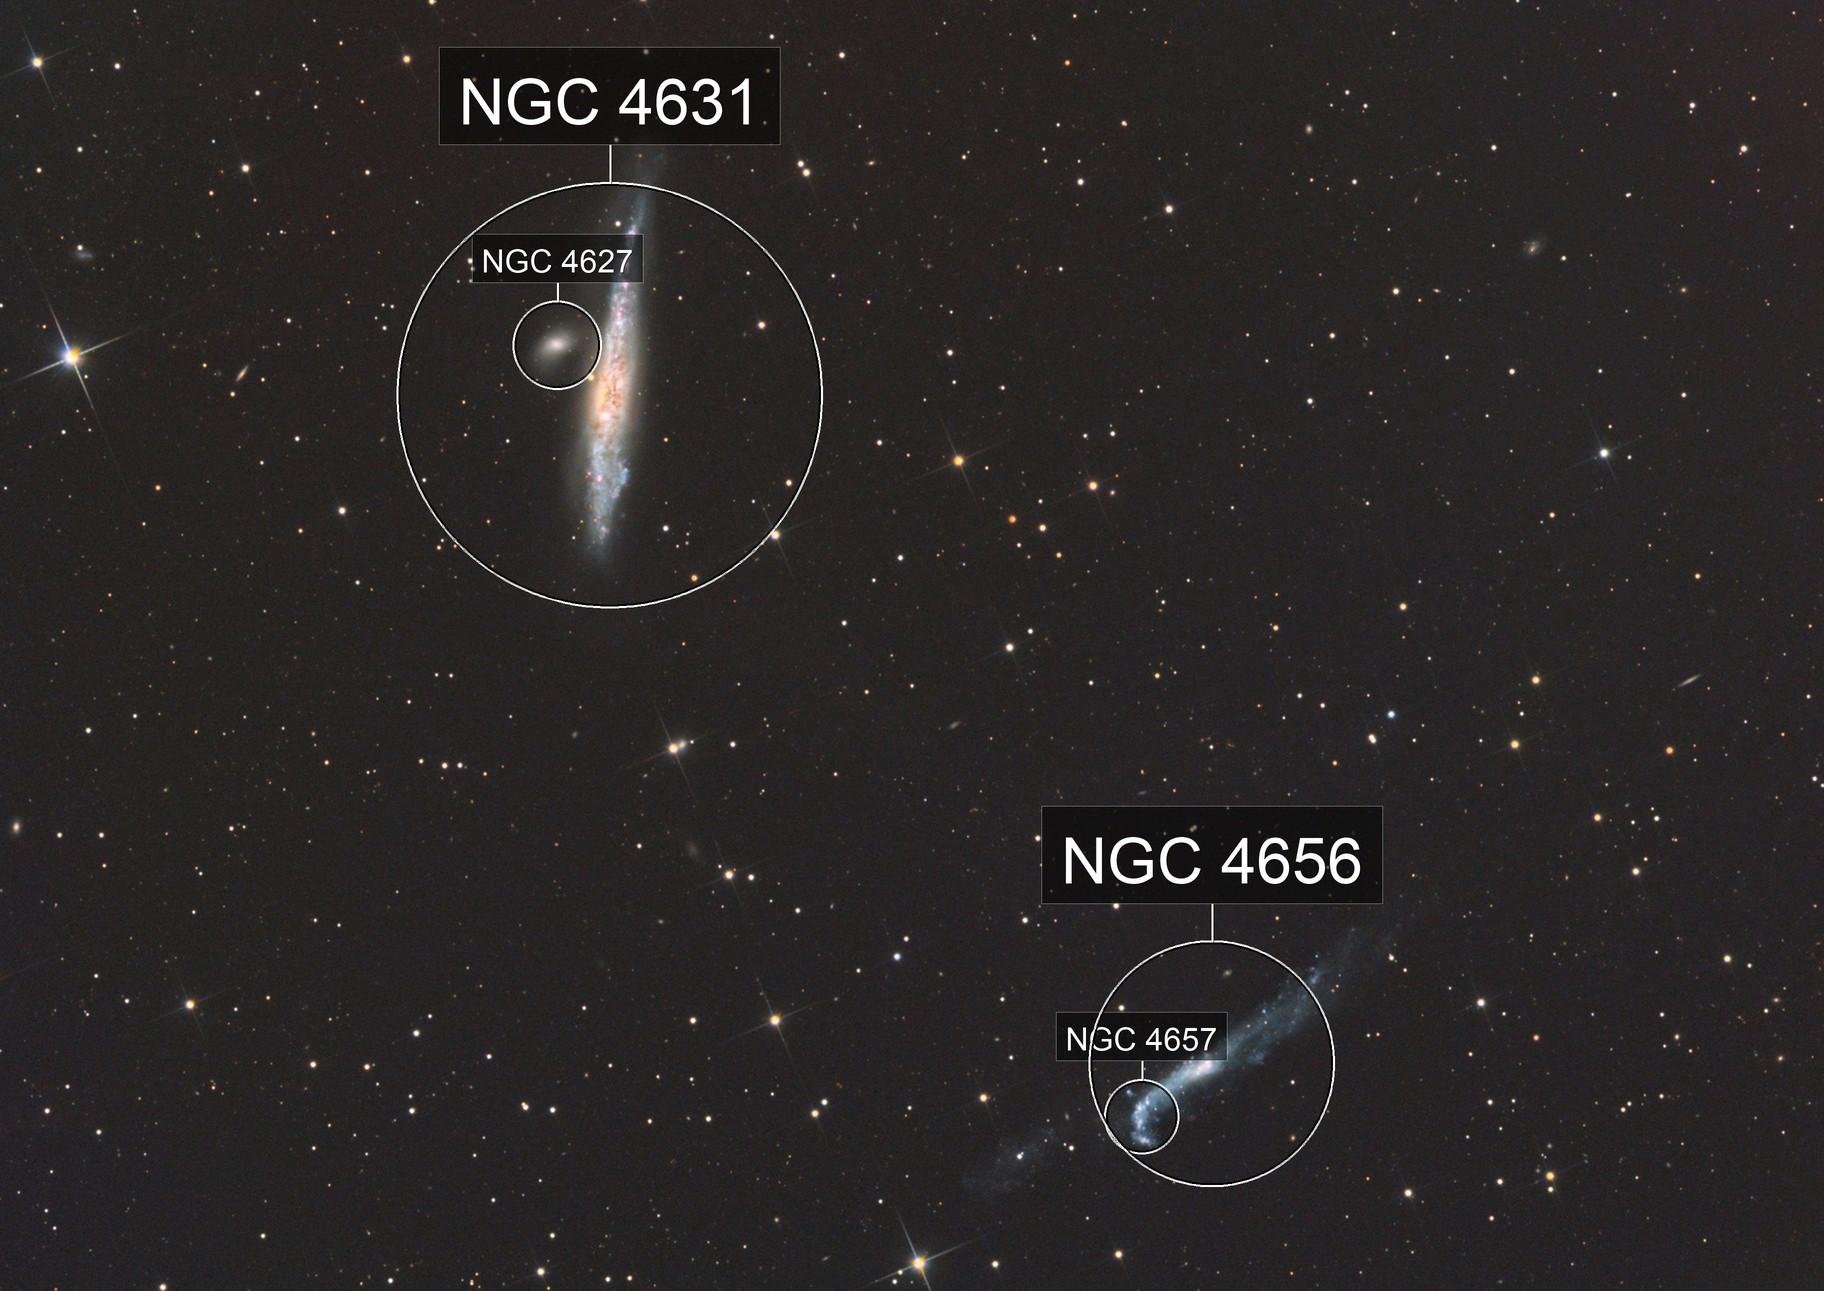 NGC 4631 and NGC 4656